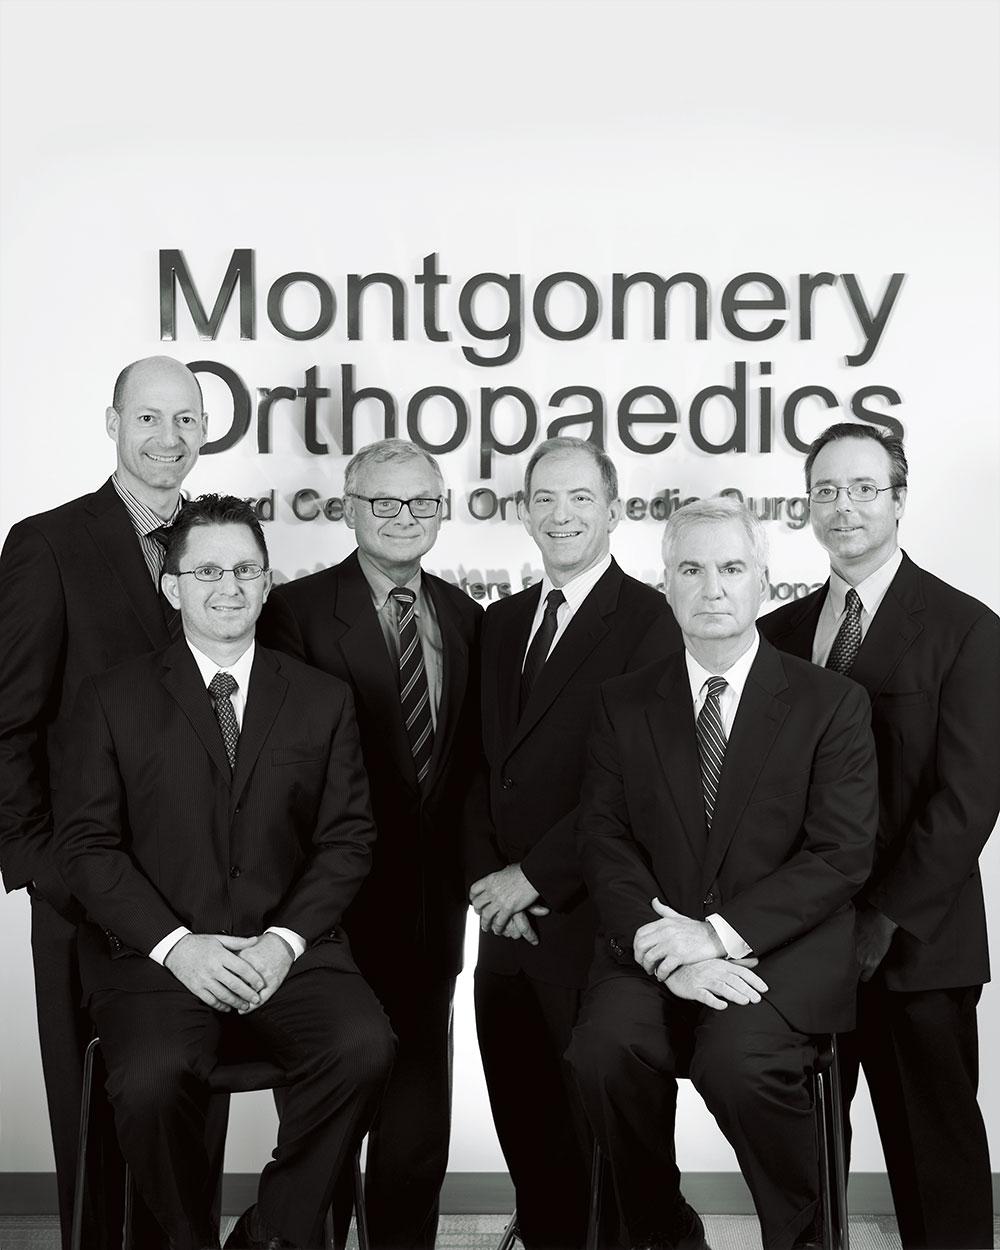 Montgomery Orthopaedics - Industry Leader in Orthopaedics